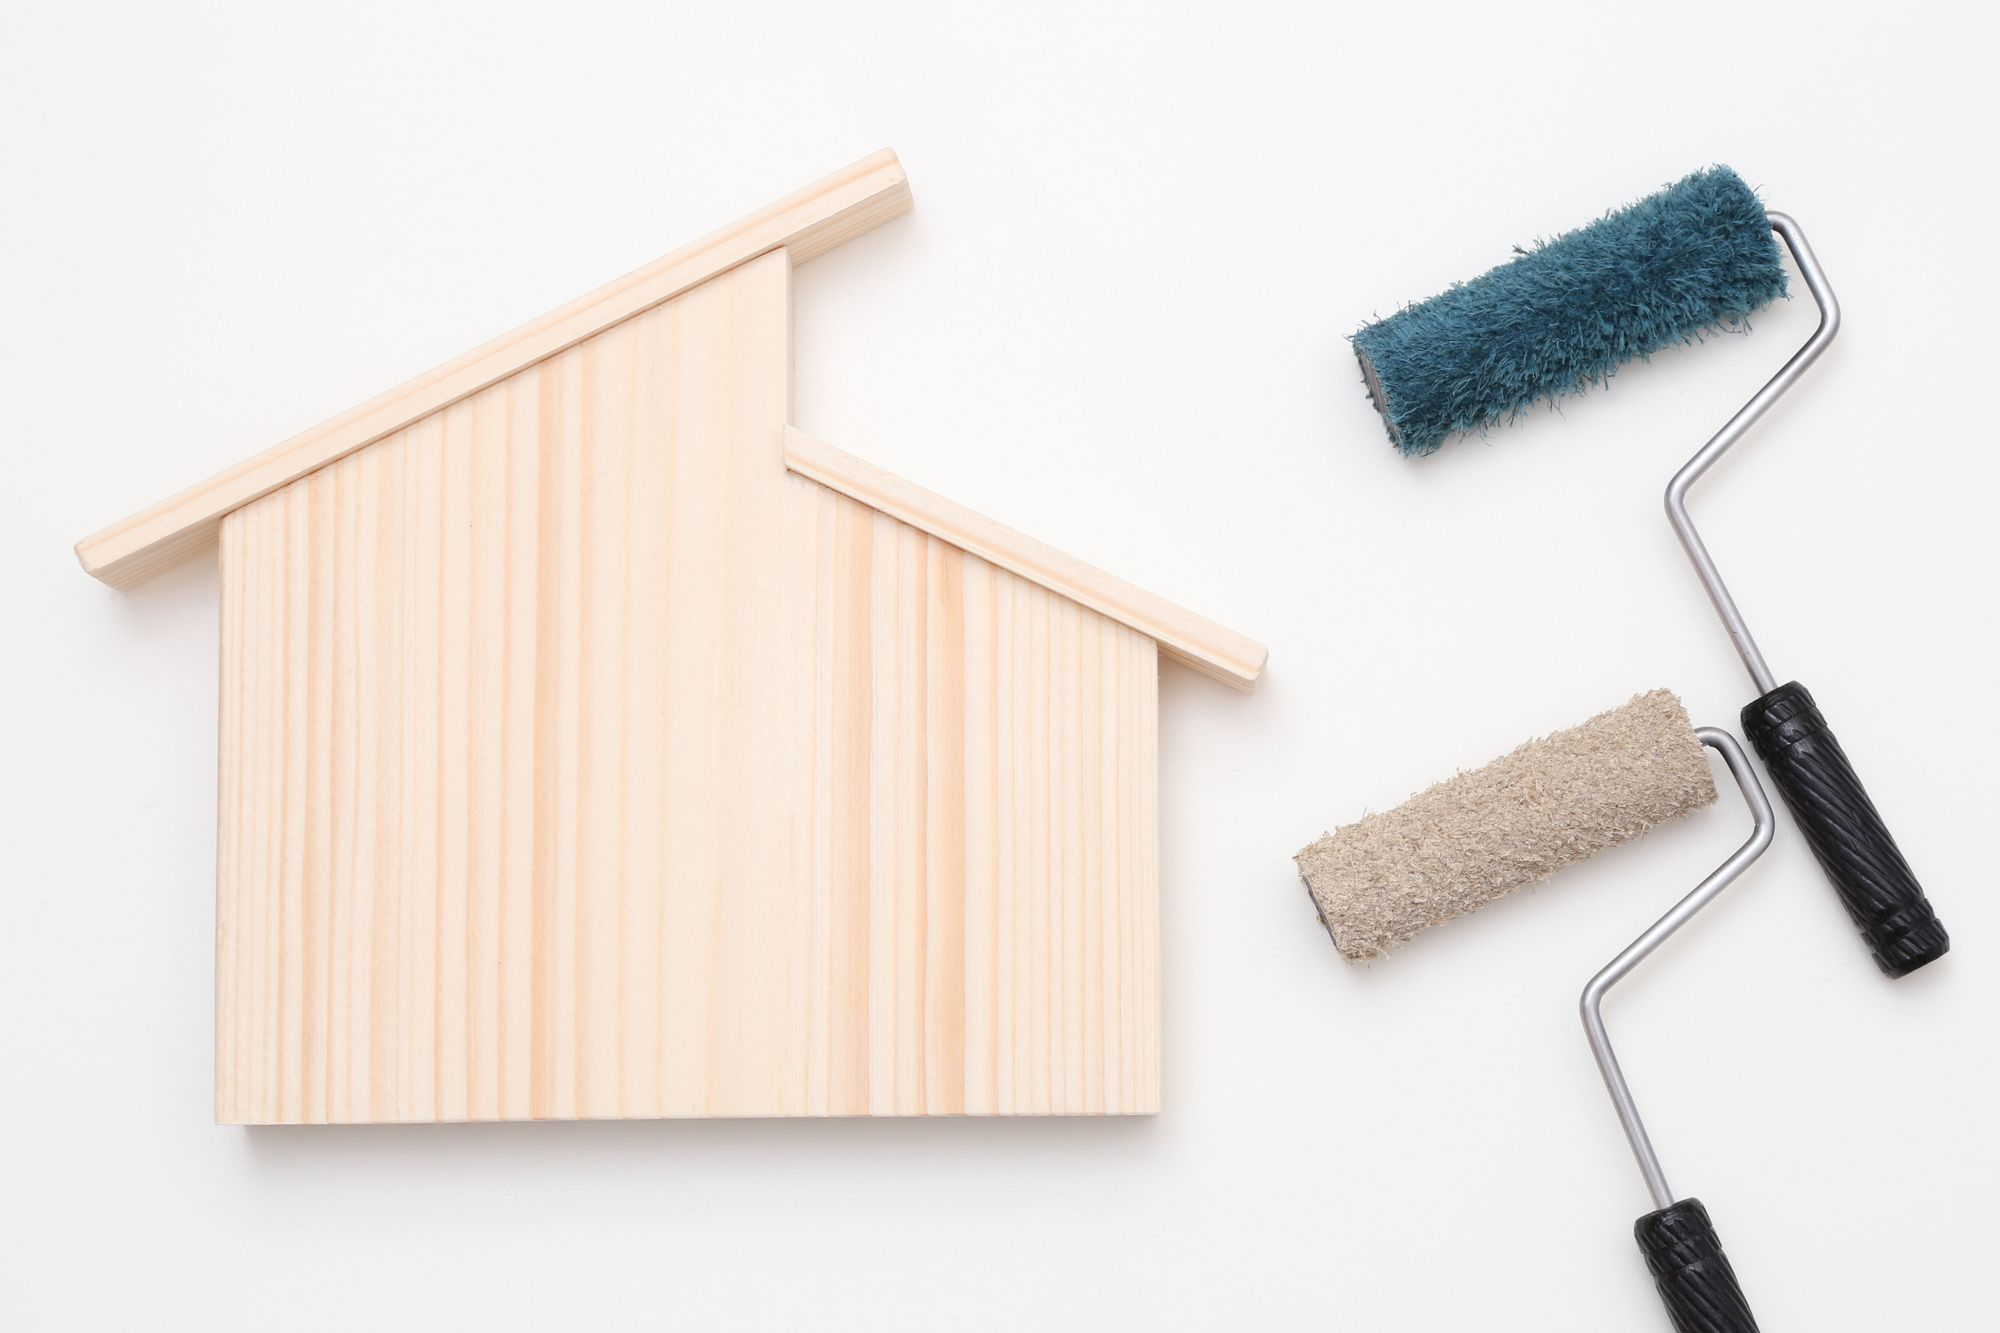 外壁塗装・屋根塗装を格安で!費用を抑えるためのコツ